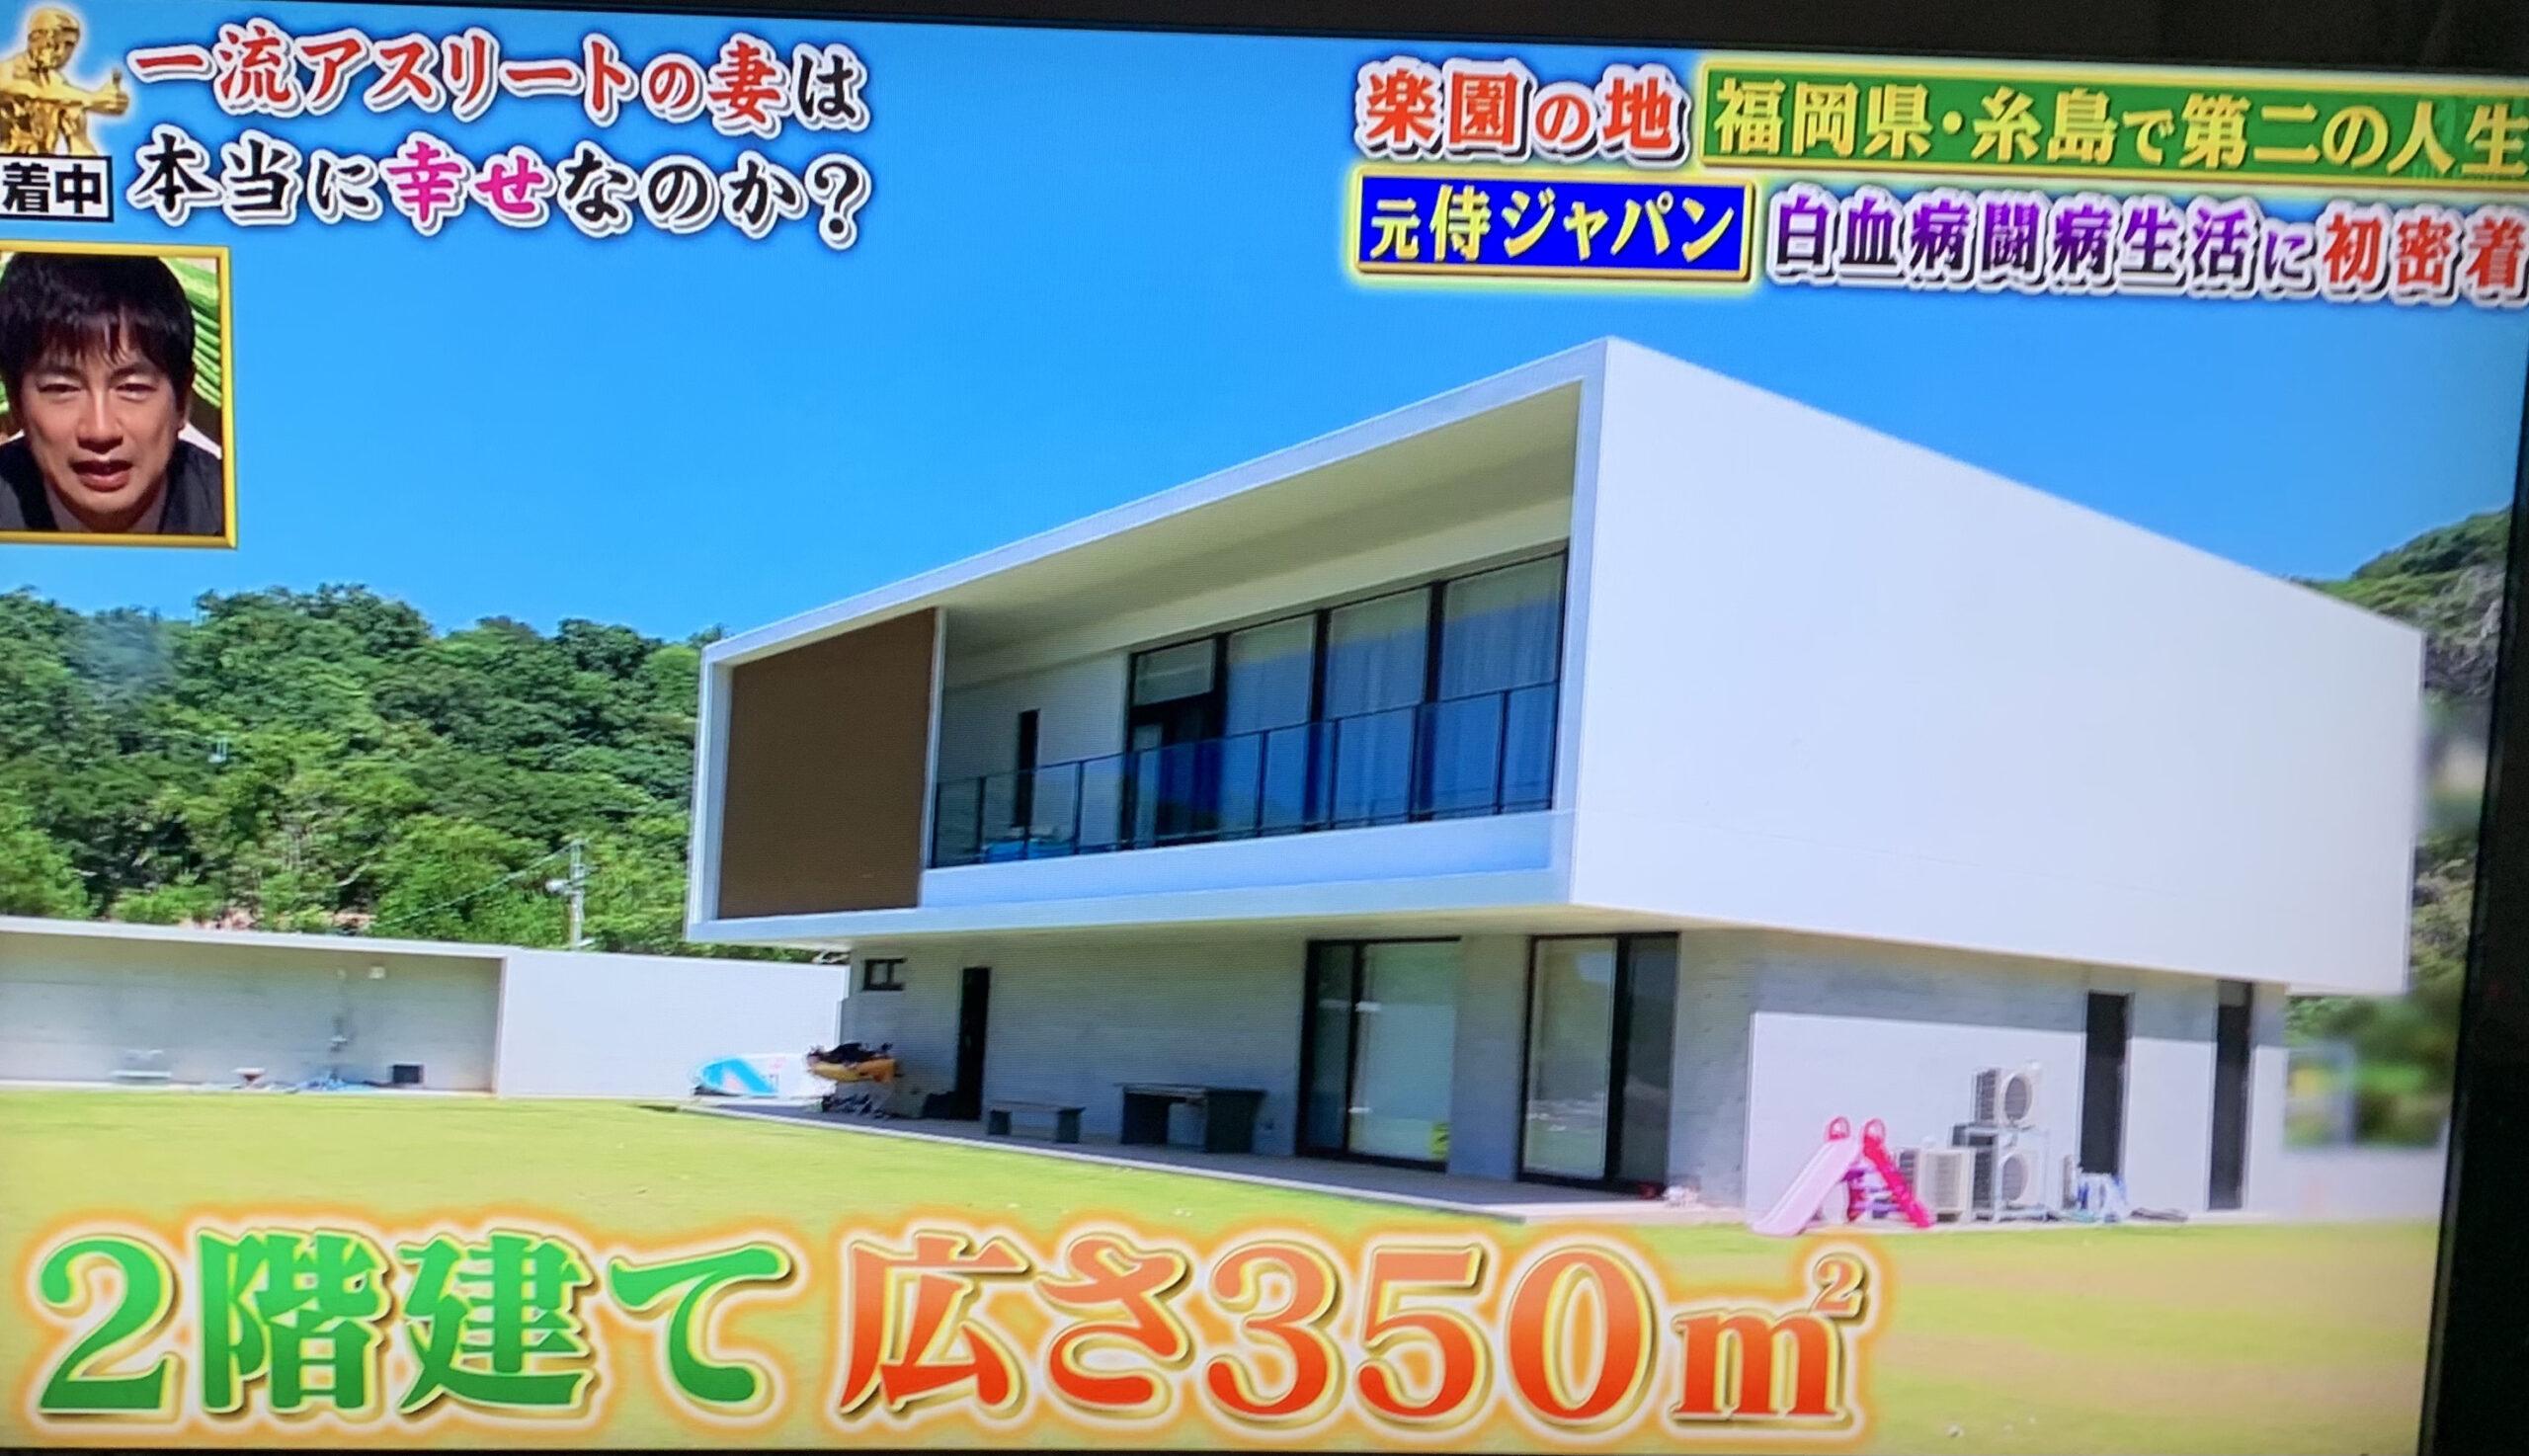 摂津正 自宅 家 豪邸